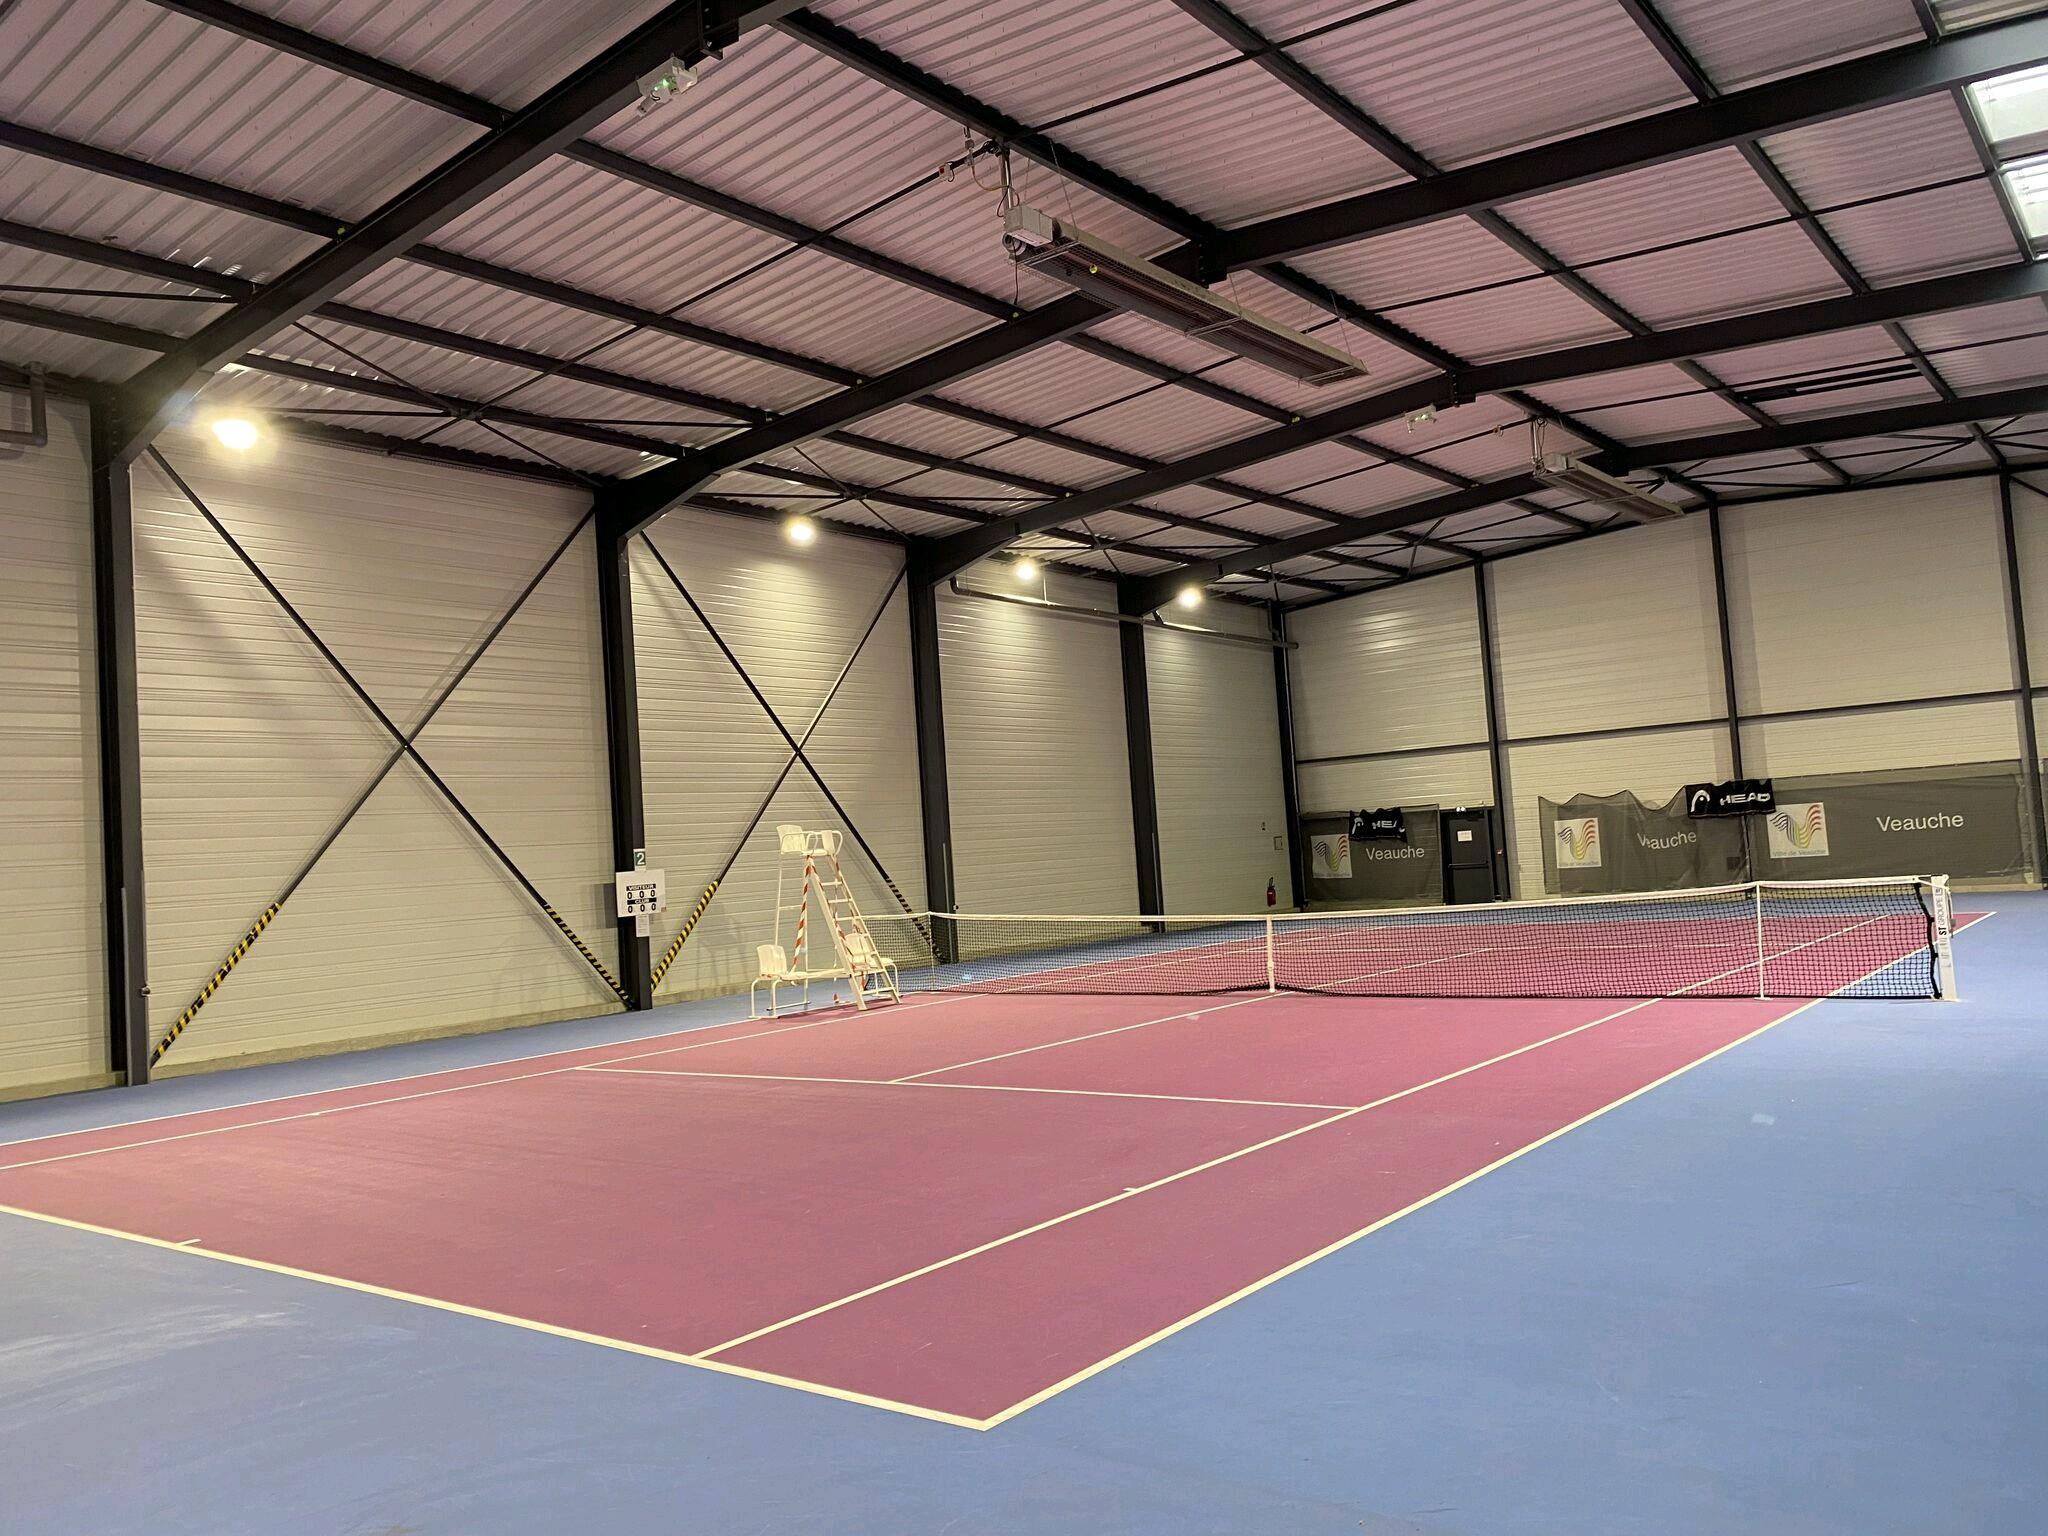 Tennis de Veauche 42